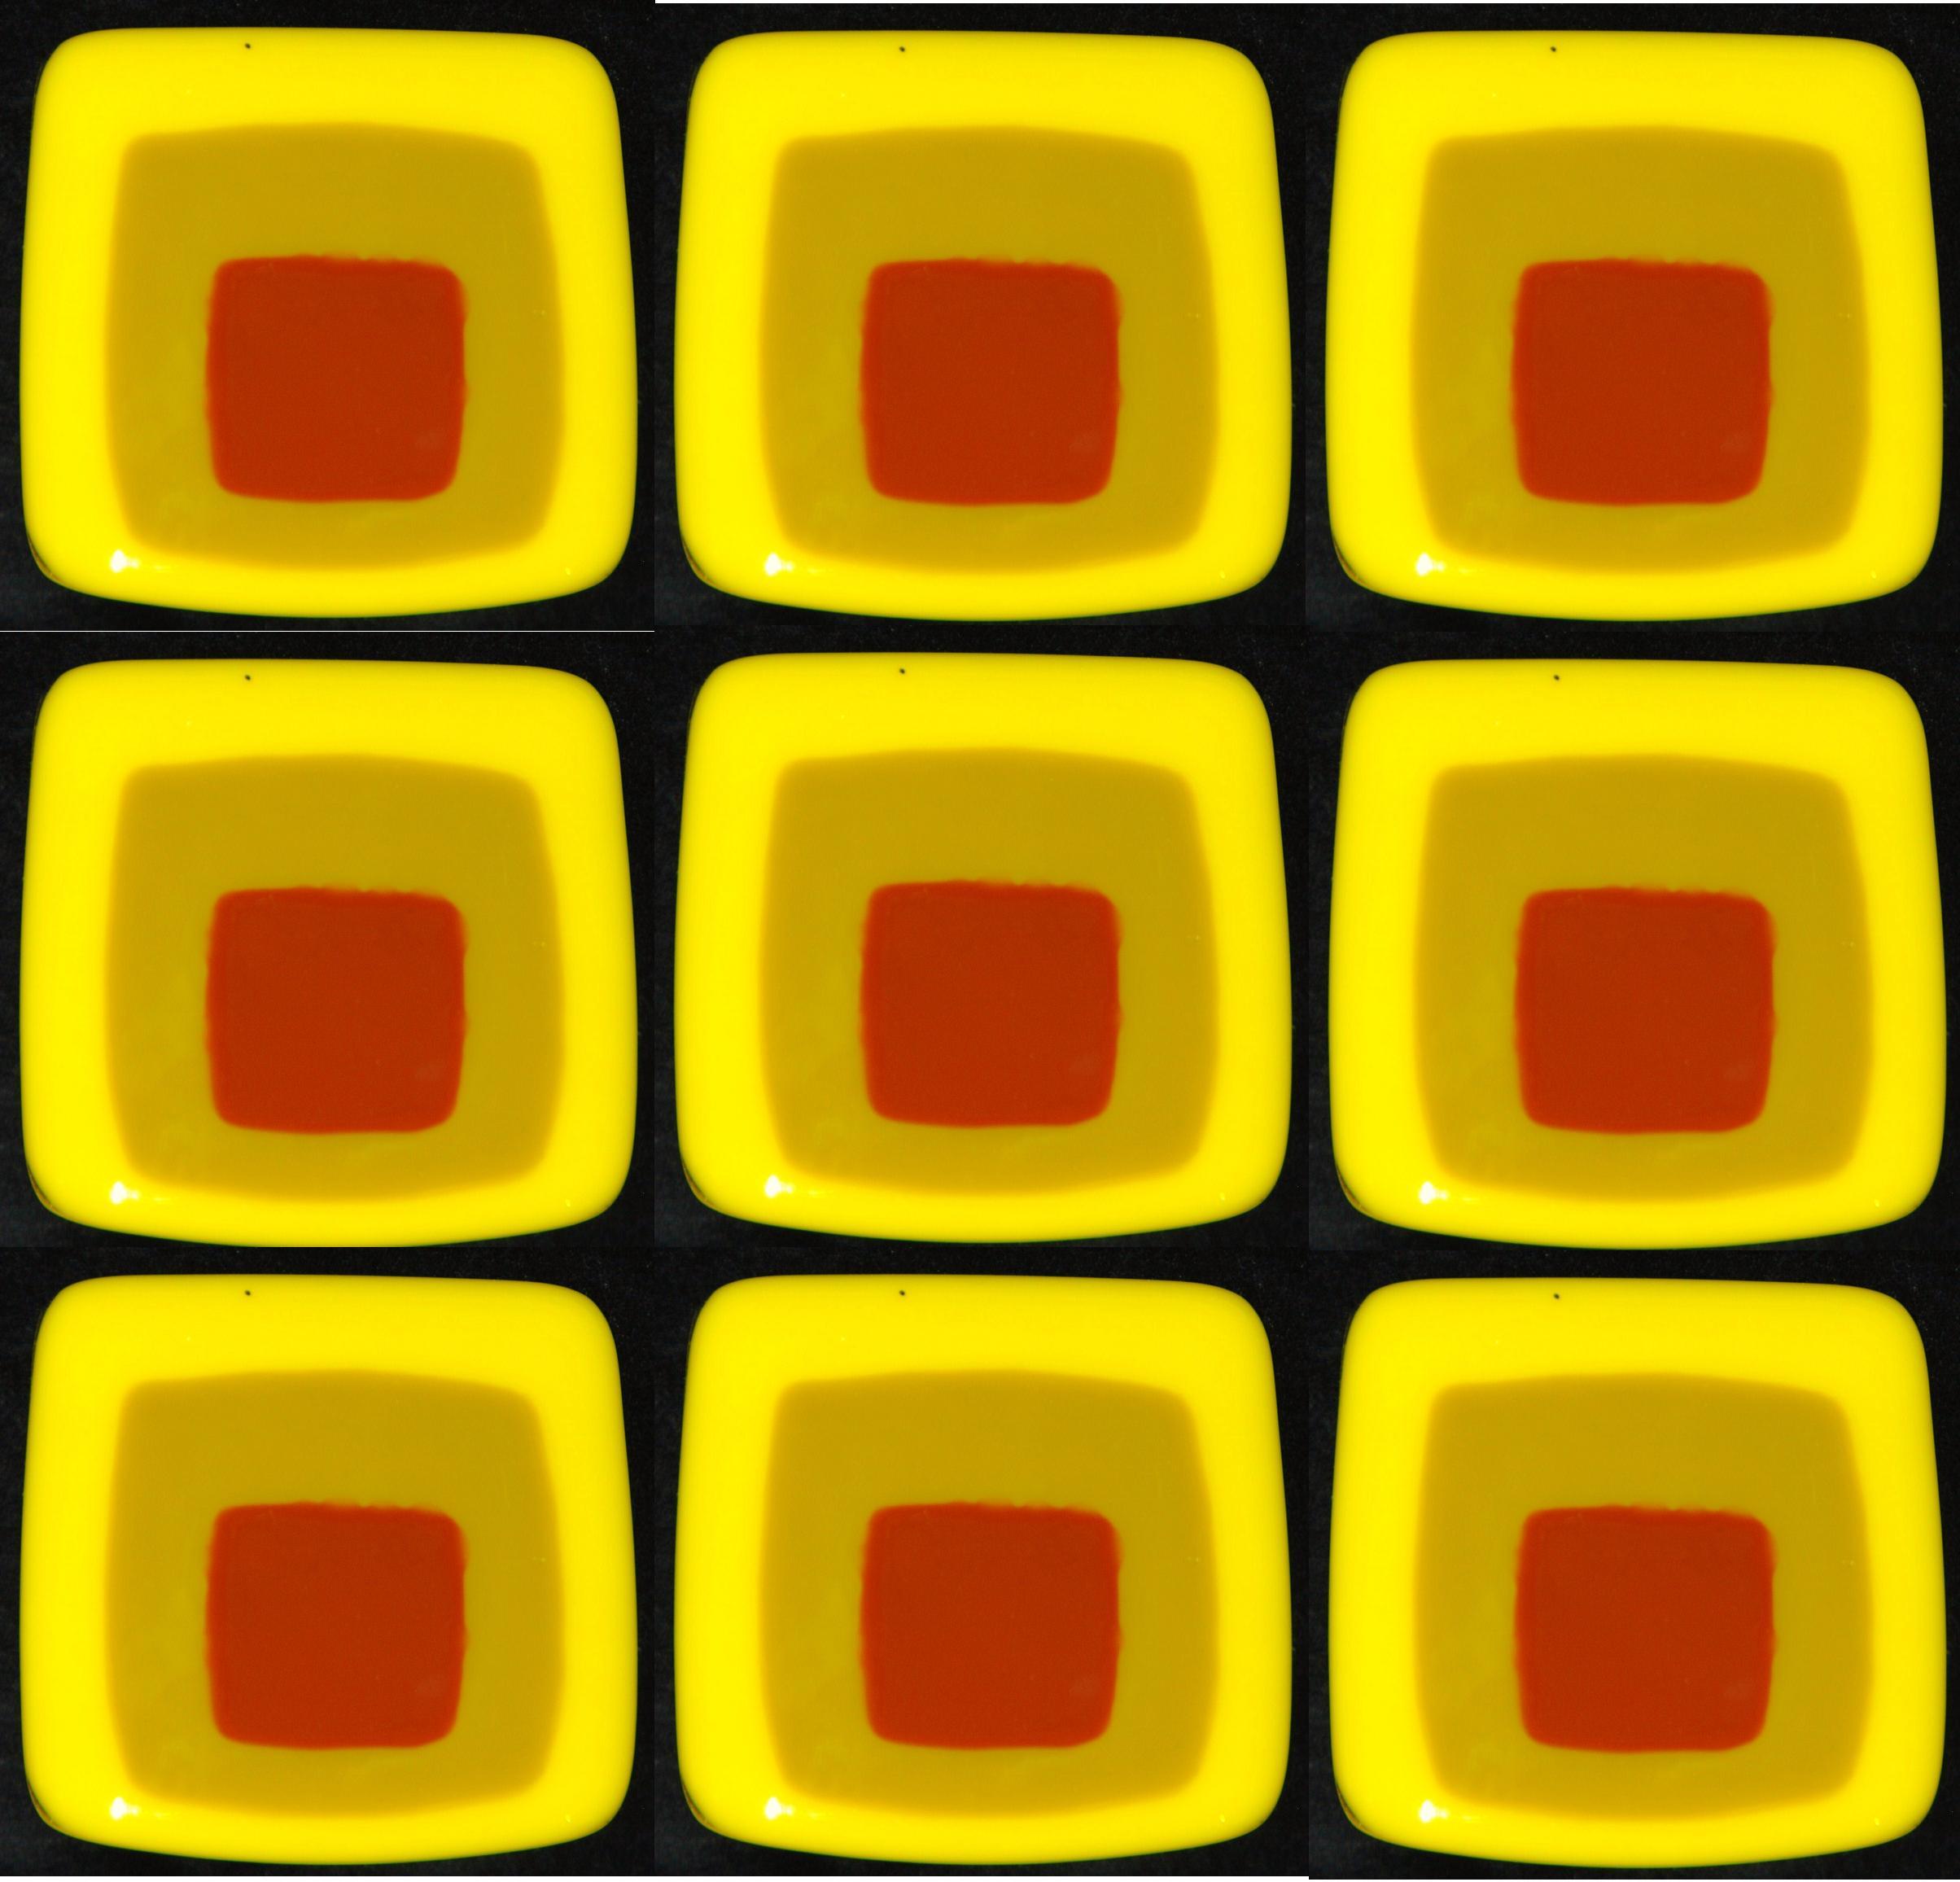 1960s tiles.jpg